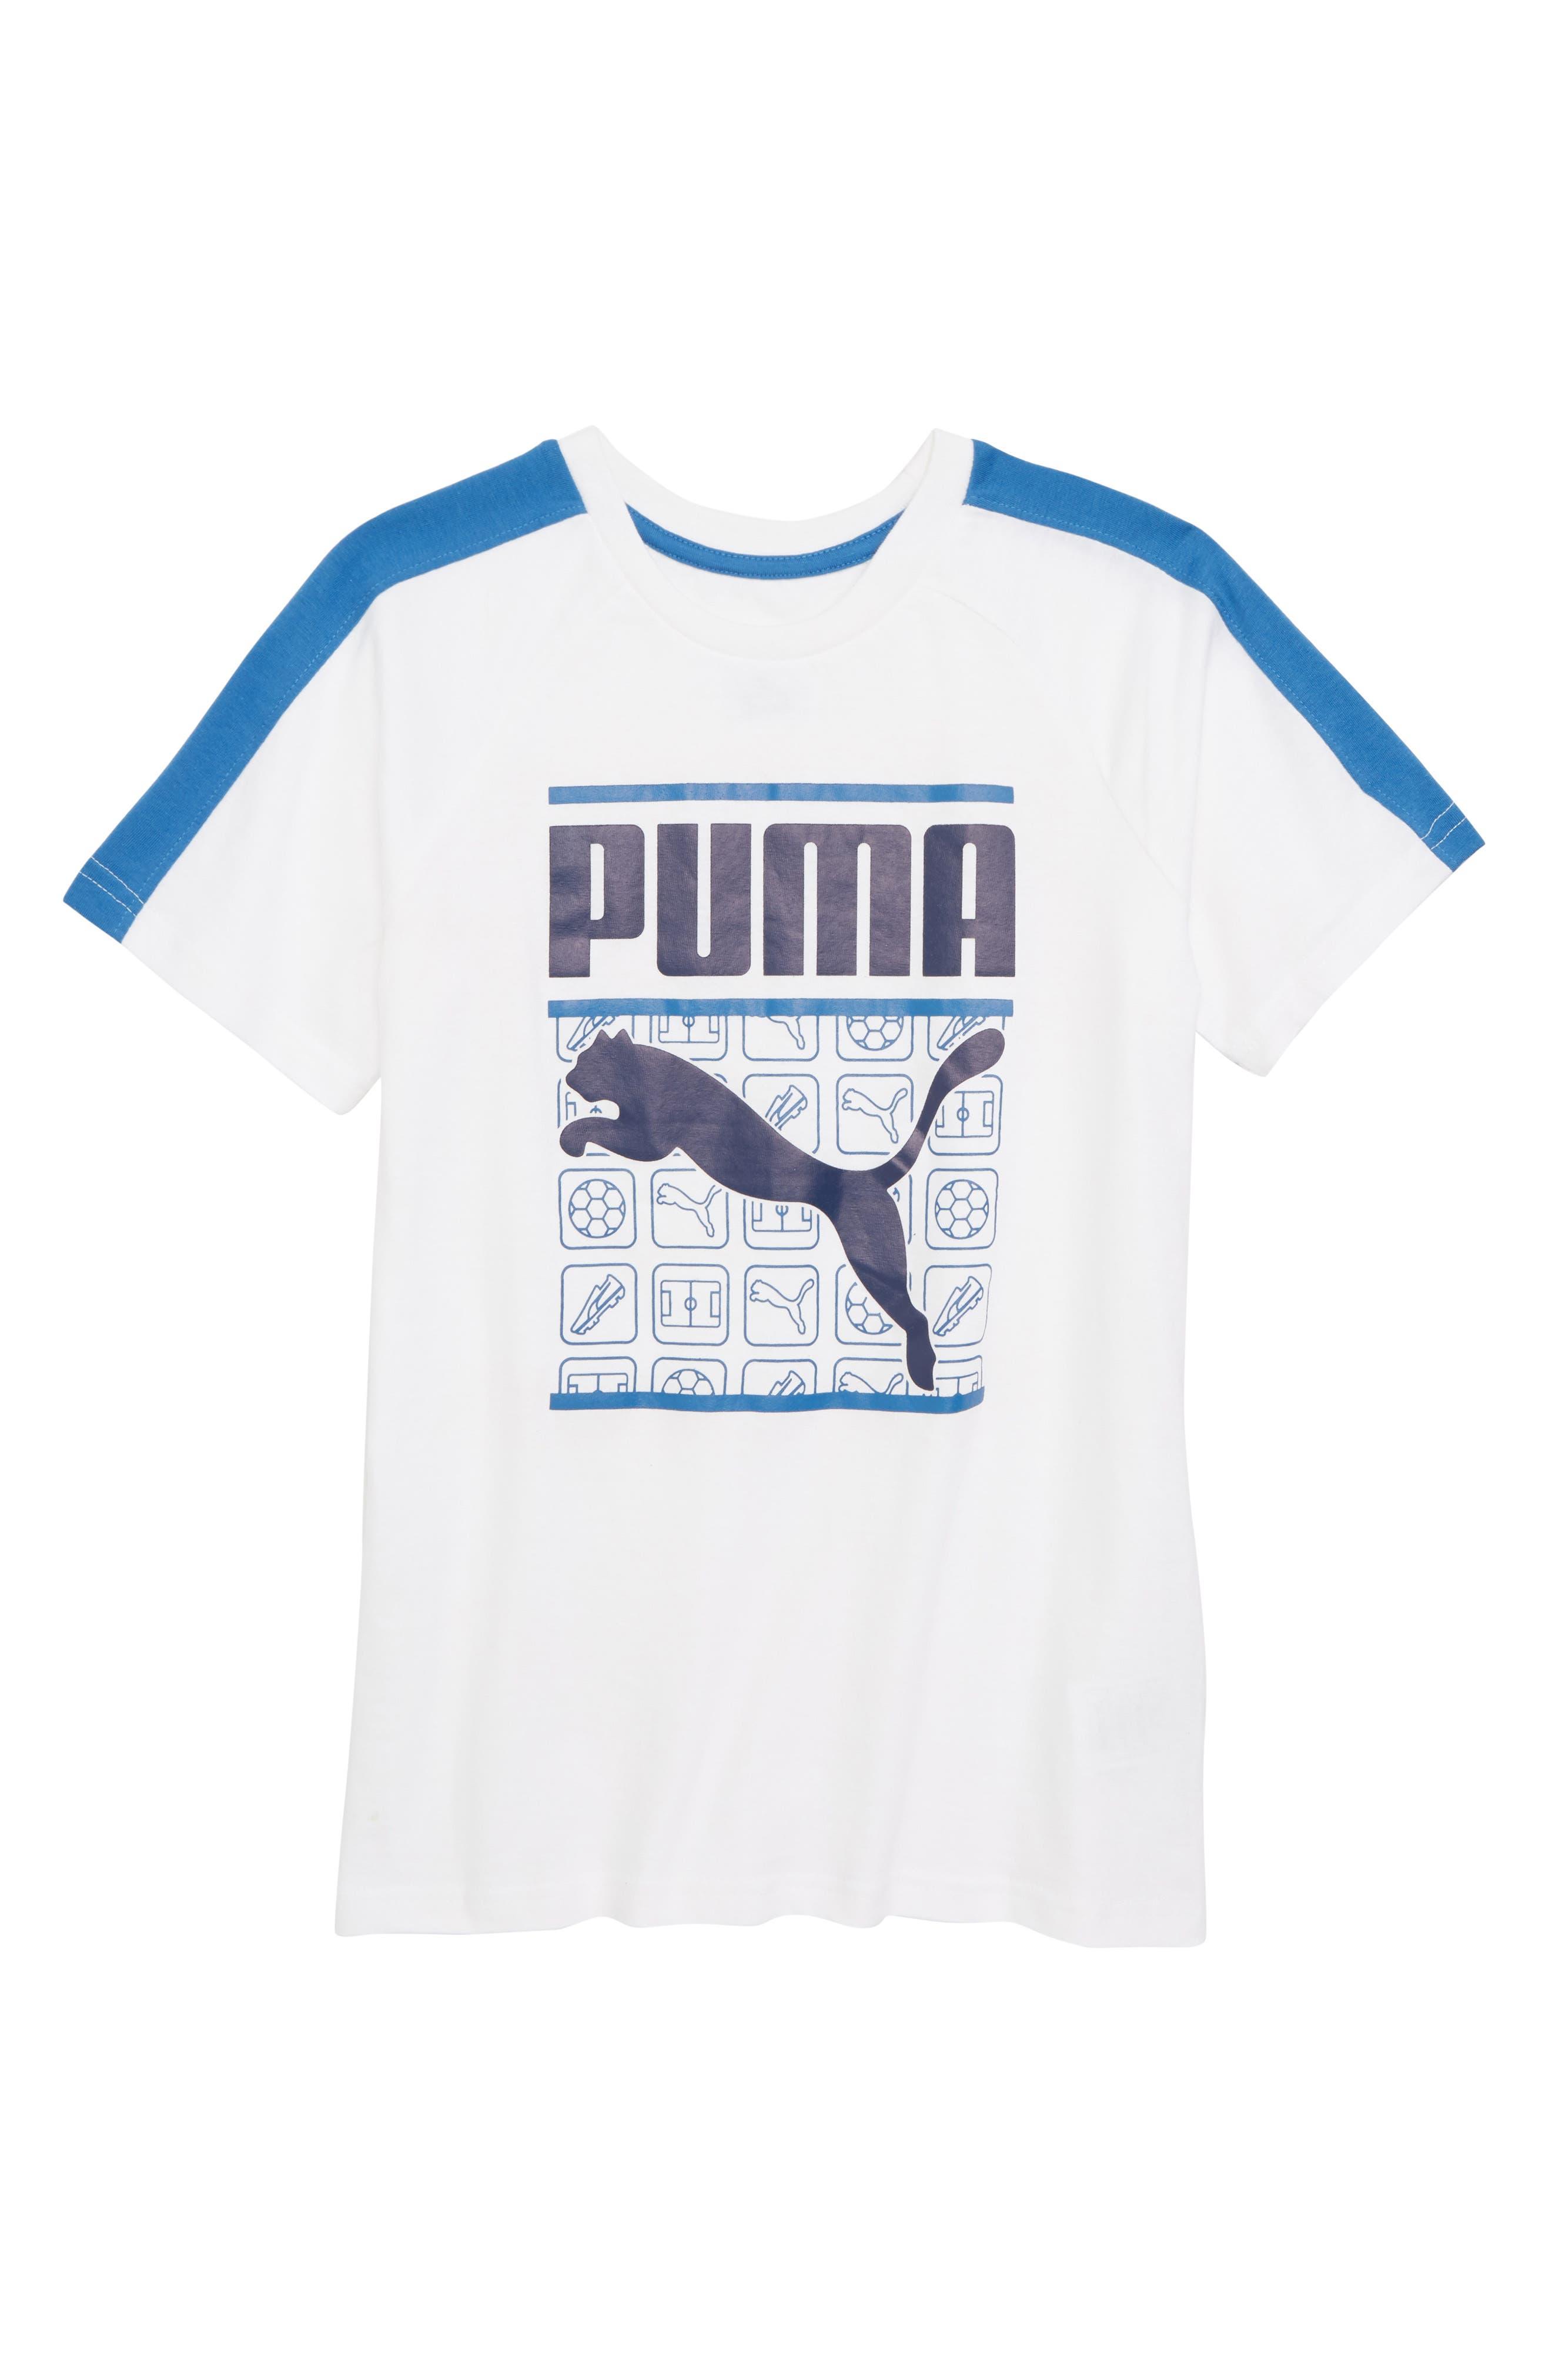 PUMA Graphic Raglan T-Shirt (Big Boys)